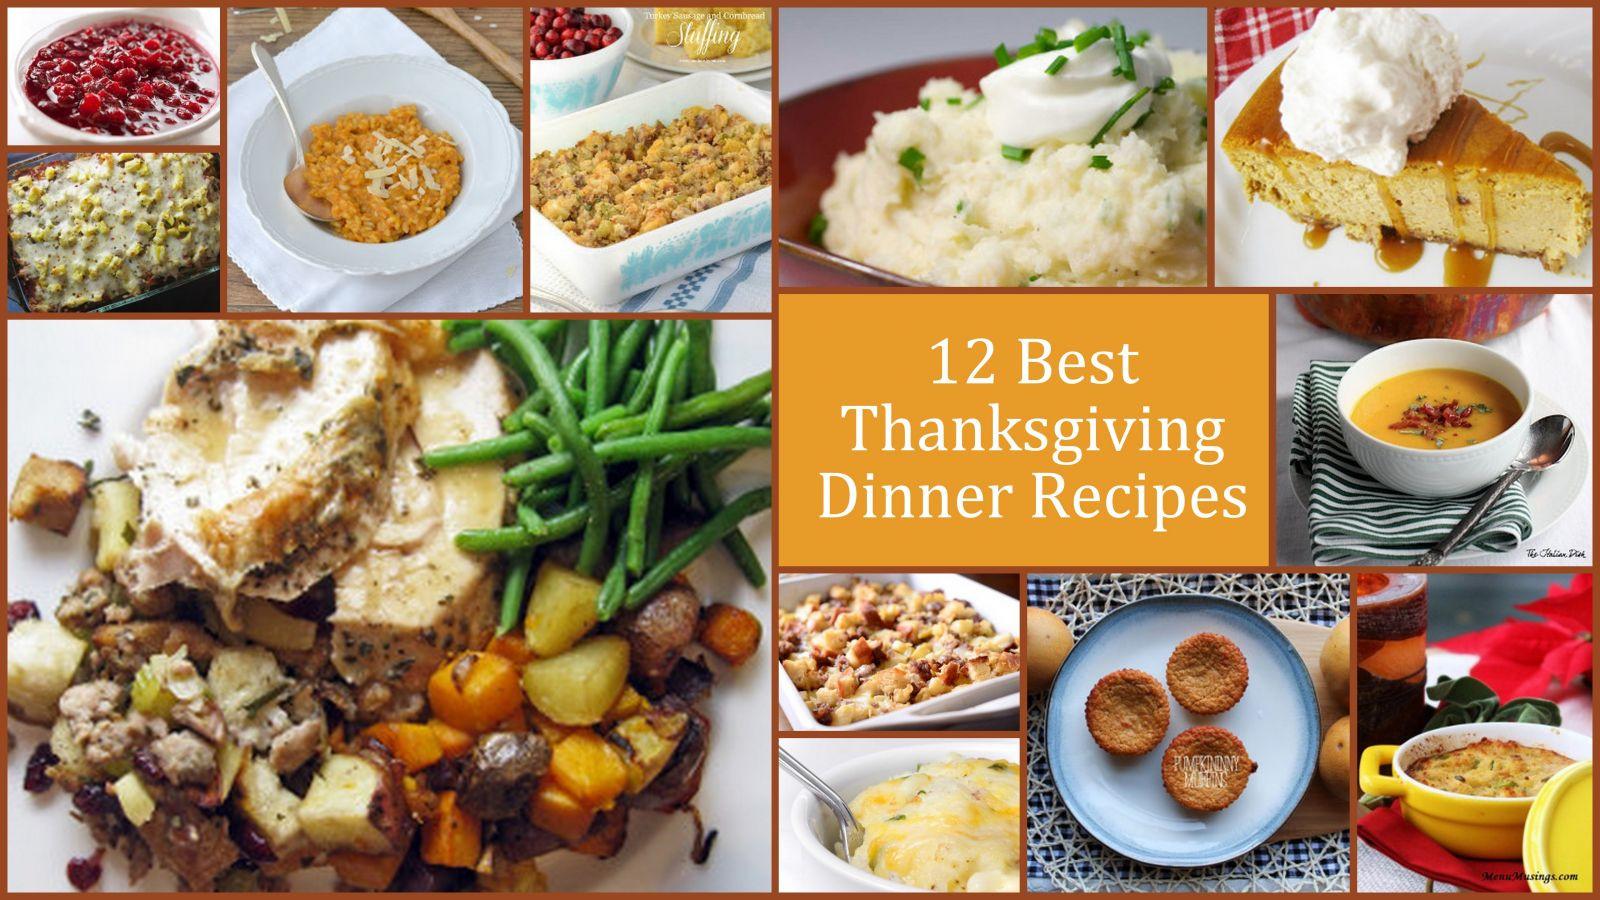 Best Thanksgiving Dinner  12 Best Thanksgiving Dinner Recipes